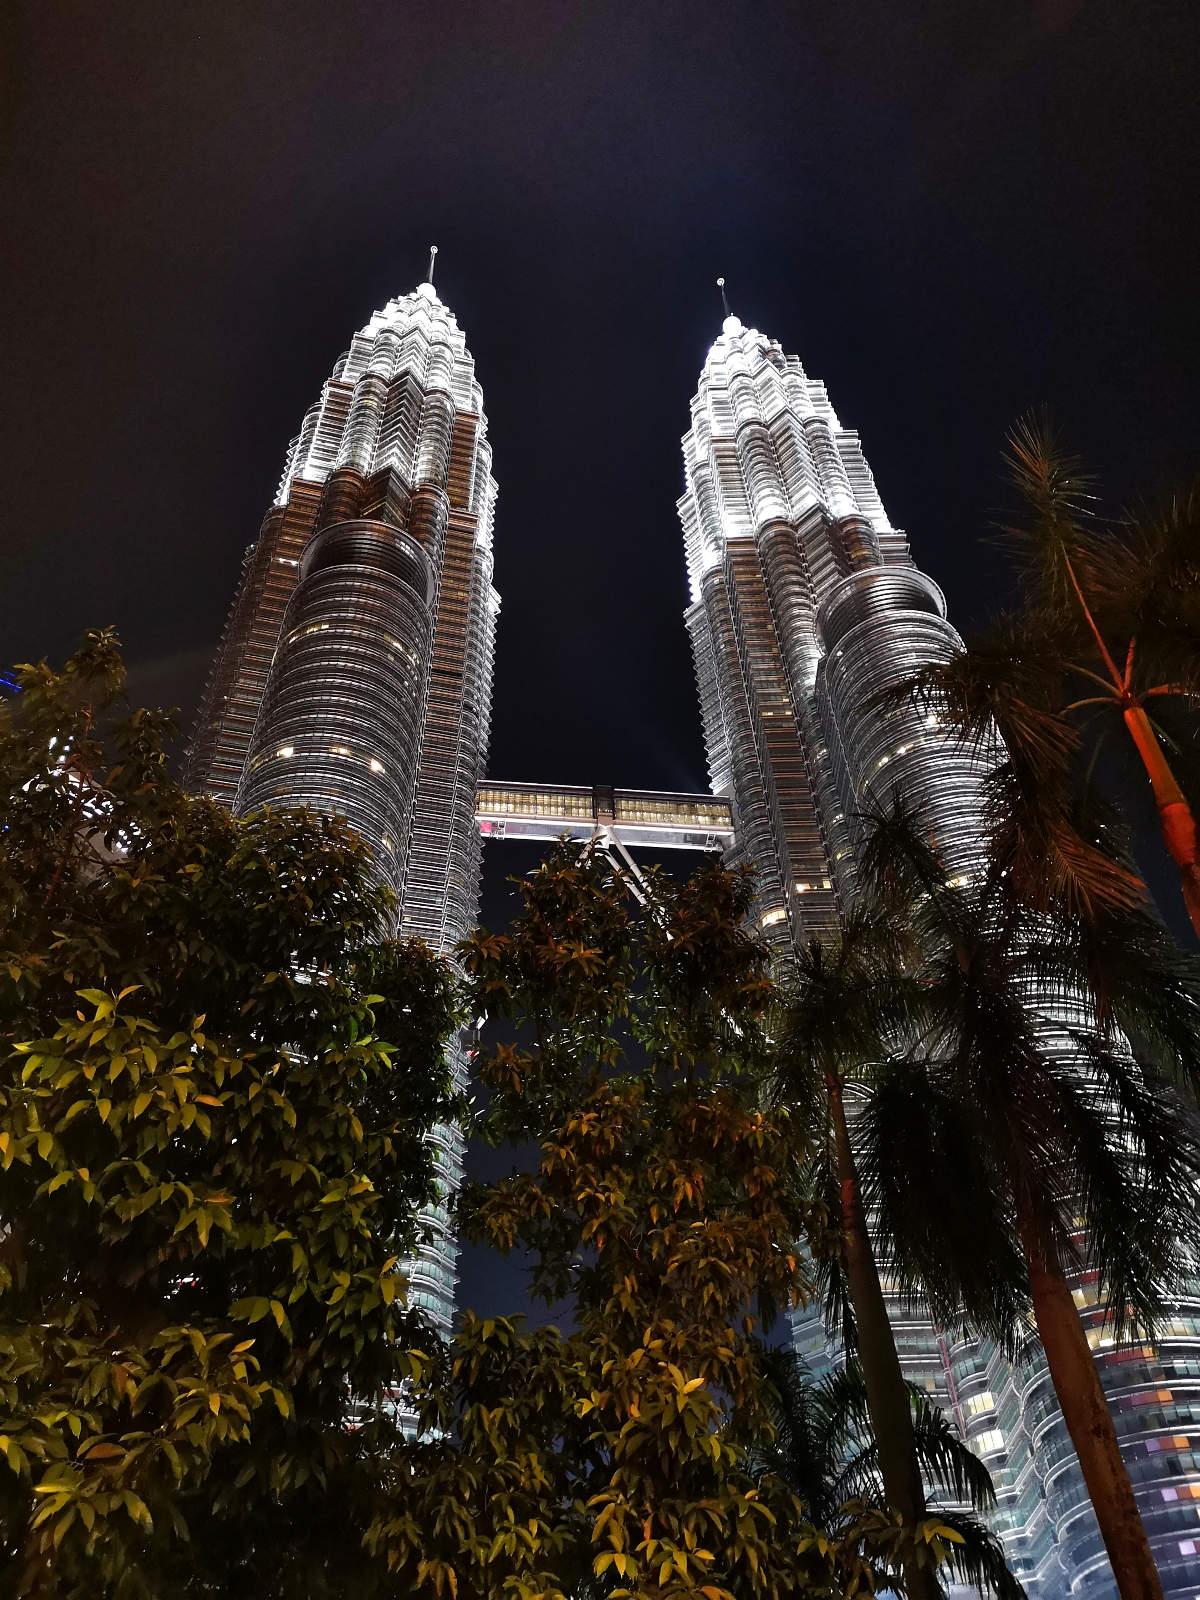 Die Petronas Towers sind das Wahrzeichen von Kuala Lumpur und besonders in der Nacht ein beeindruckender Anblick. Wanderhunger